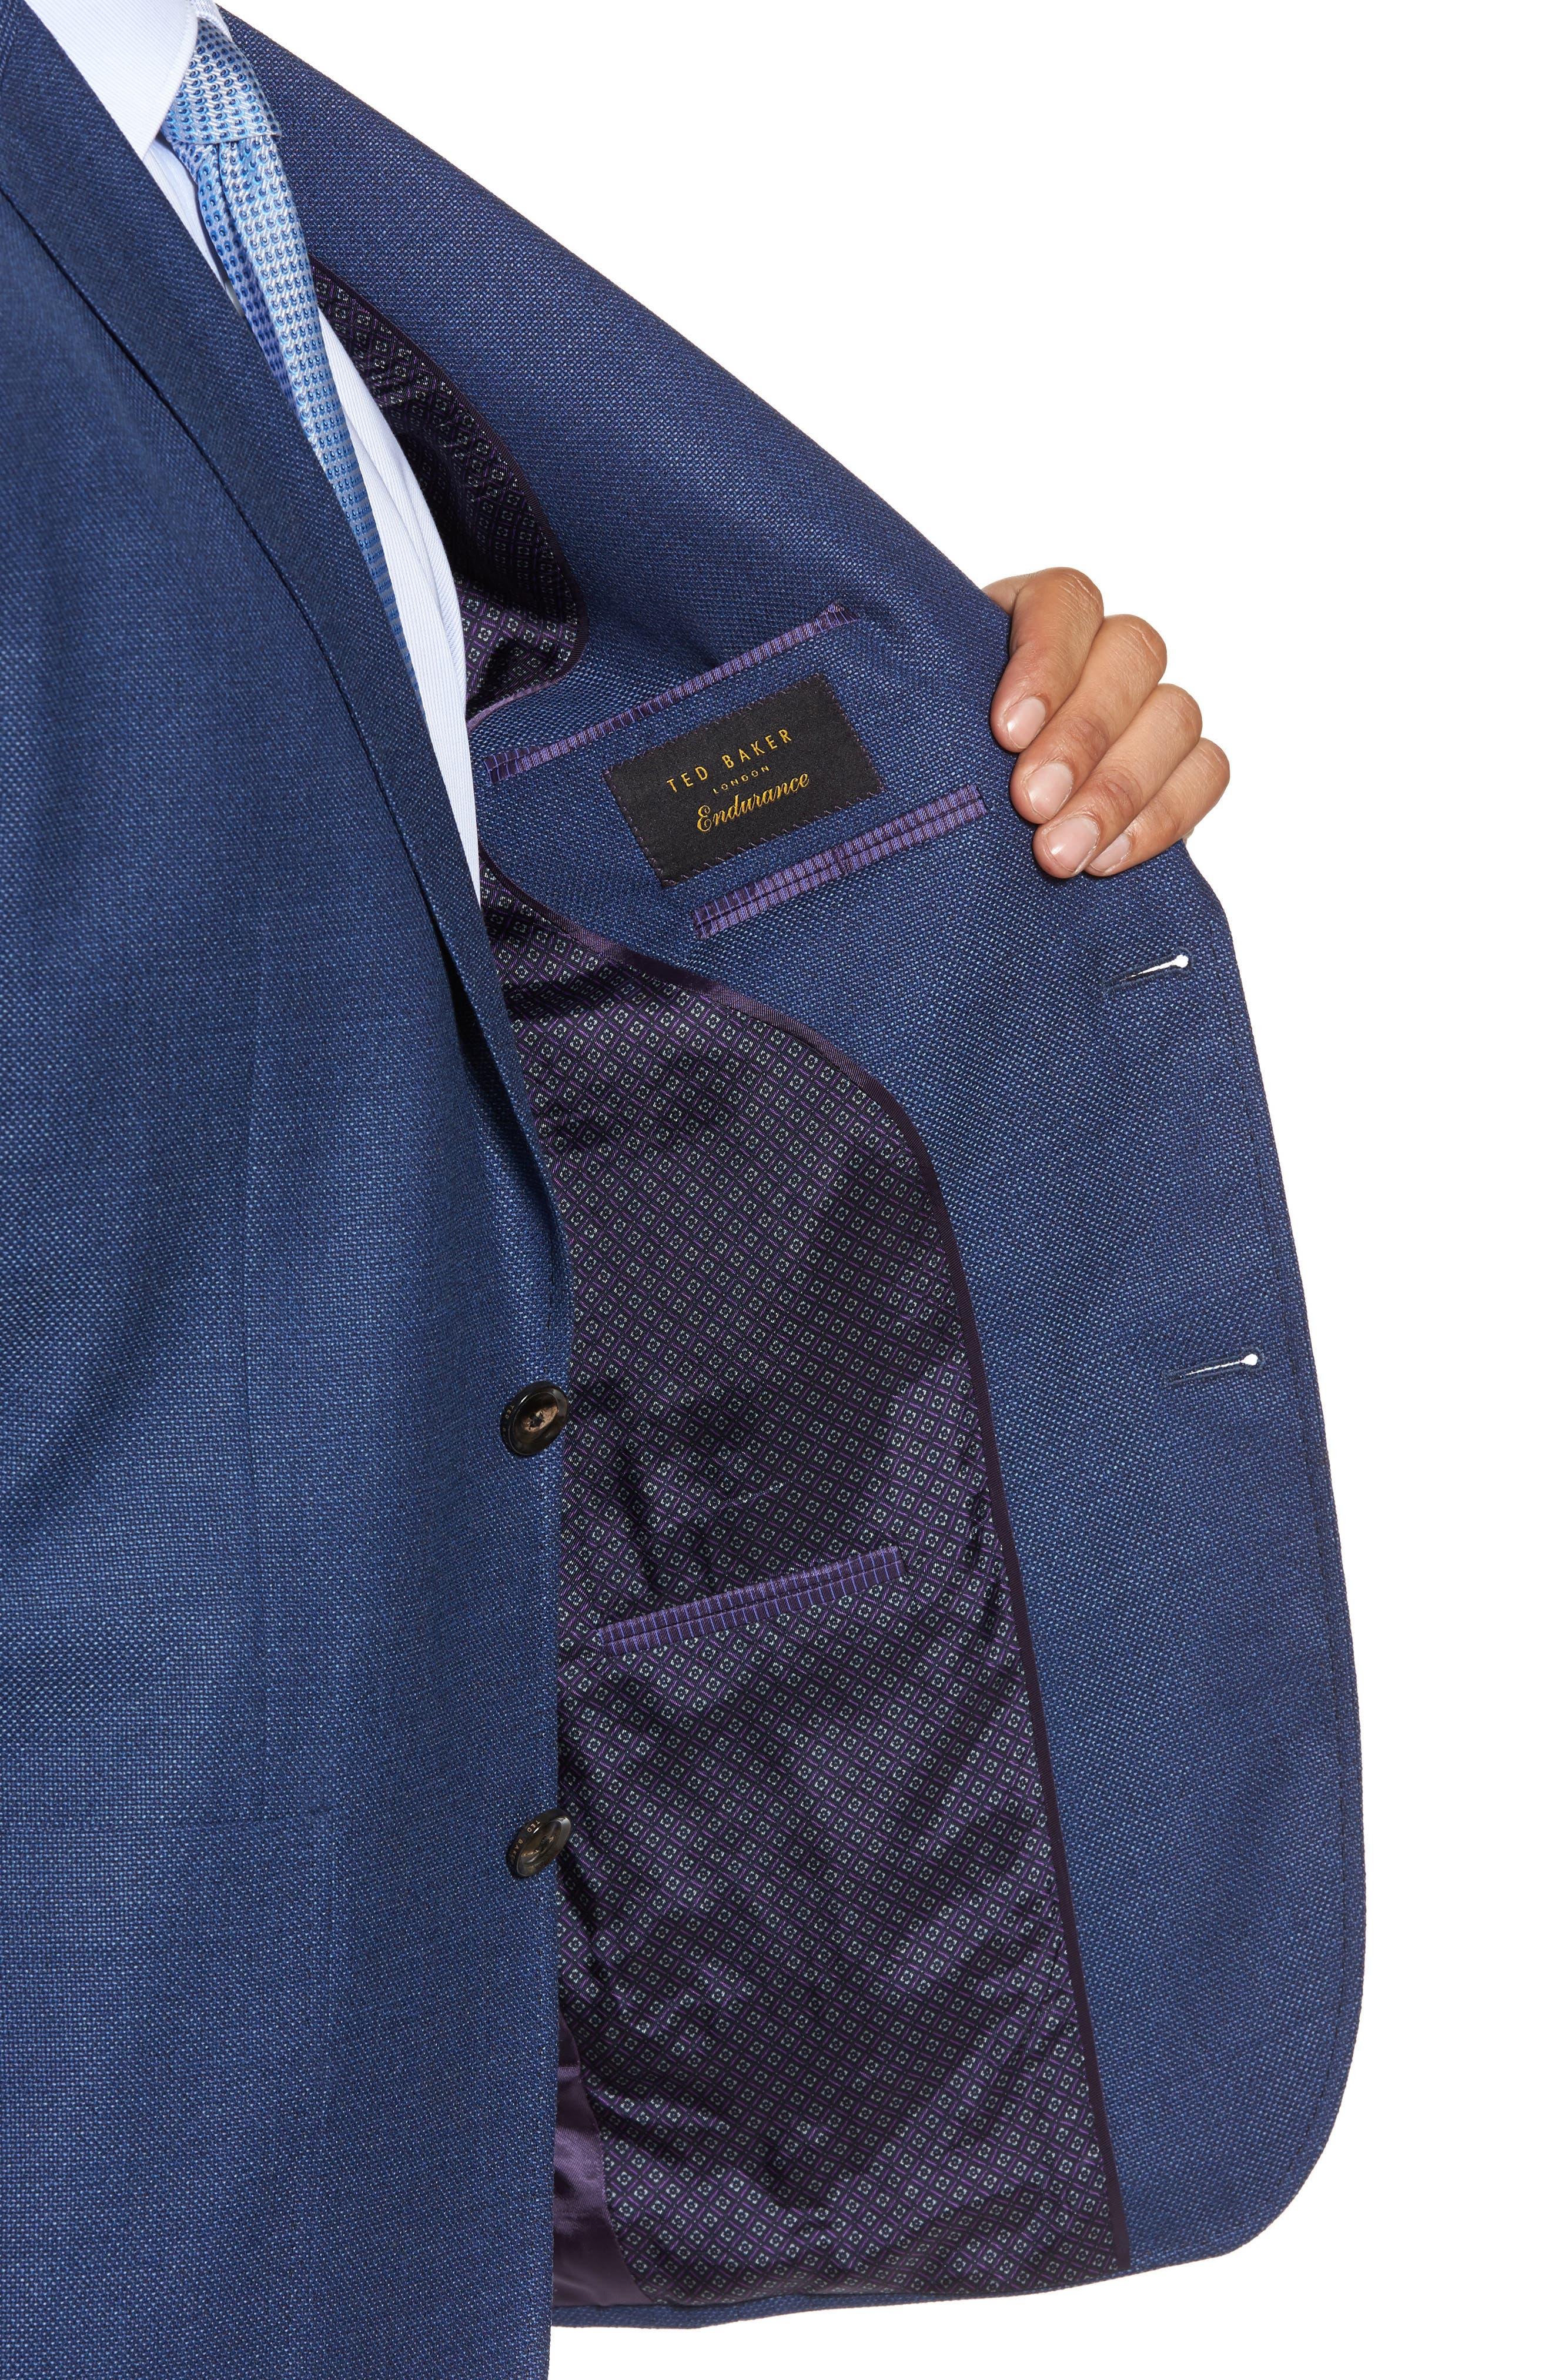 Kyle Trim Fit Wool Blazer,                             Alternate thumbnail 4, color,                             Mid Blue